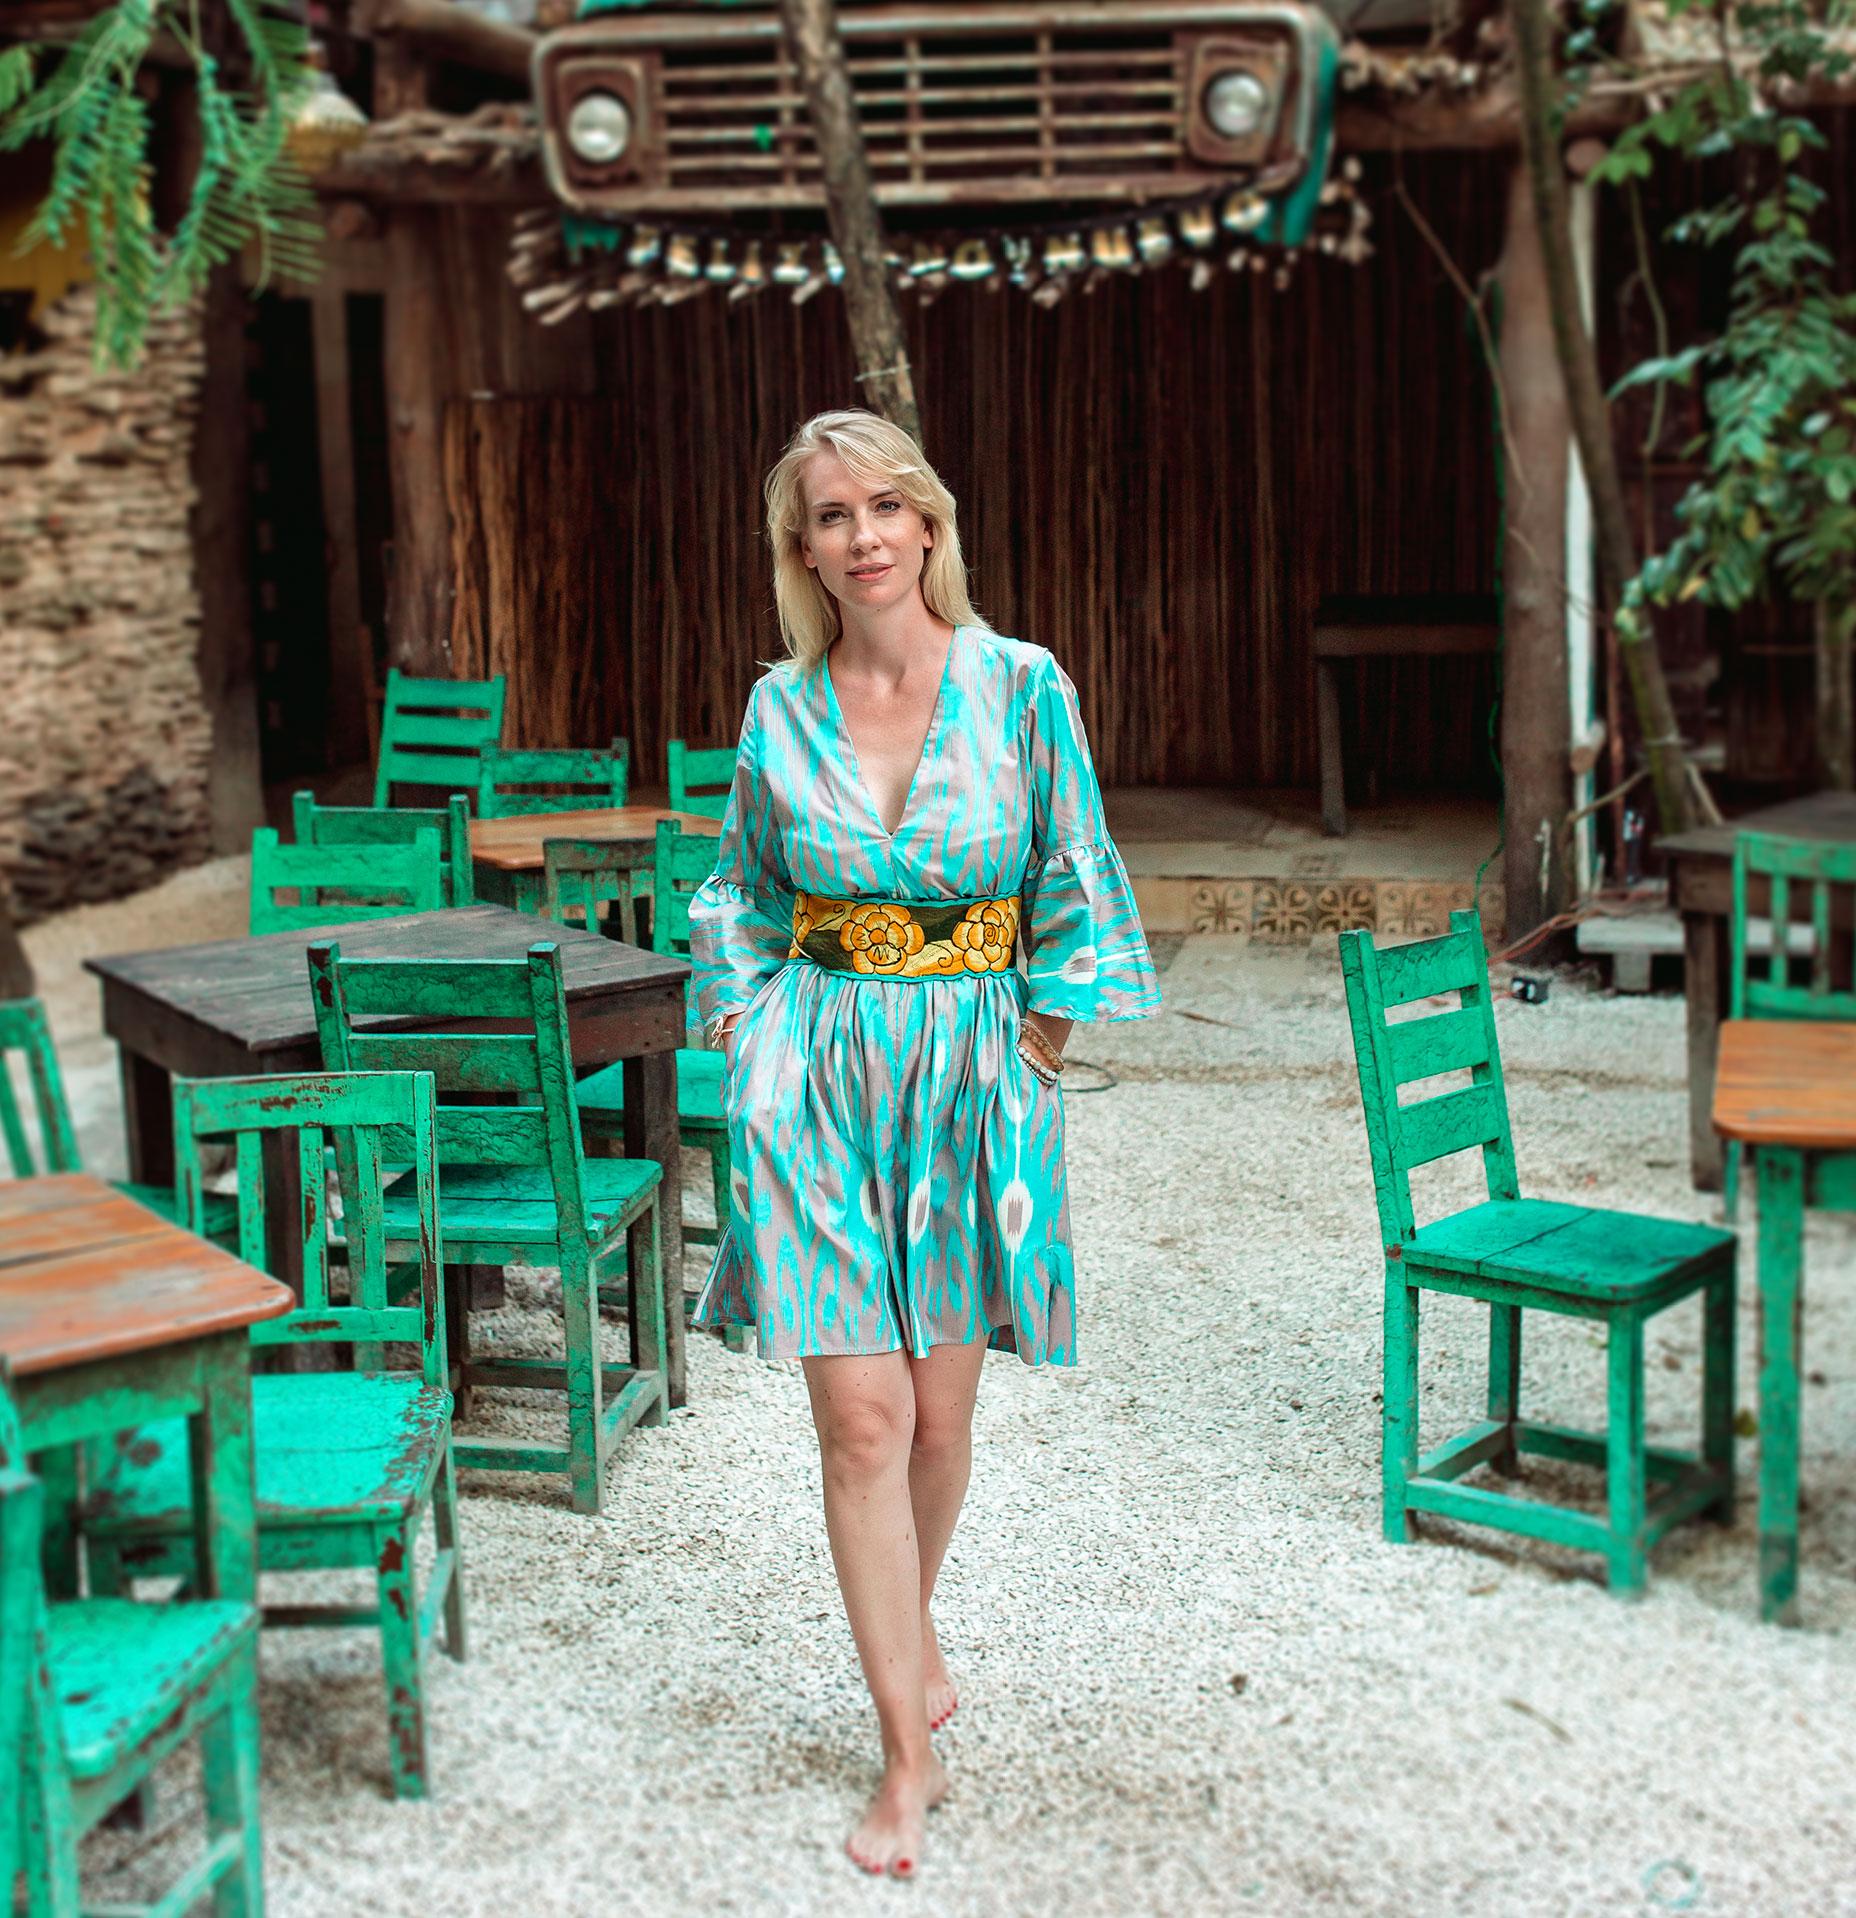 Belleikat Sommerkollektion 2020 schönes Ikat-Kleid in türkis